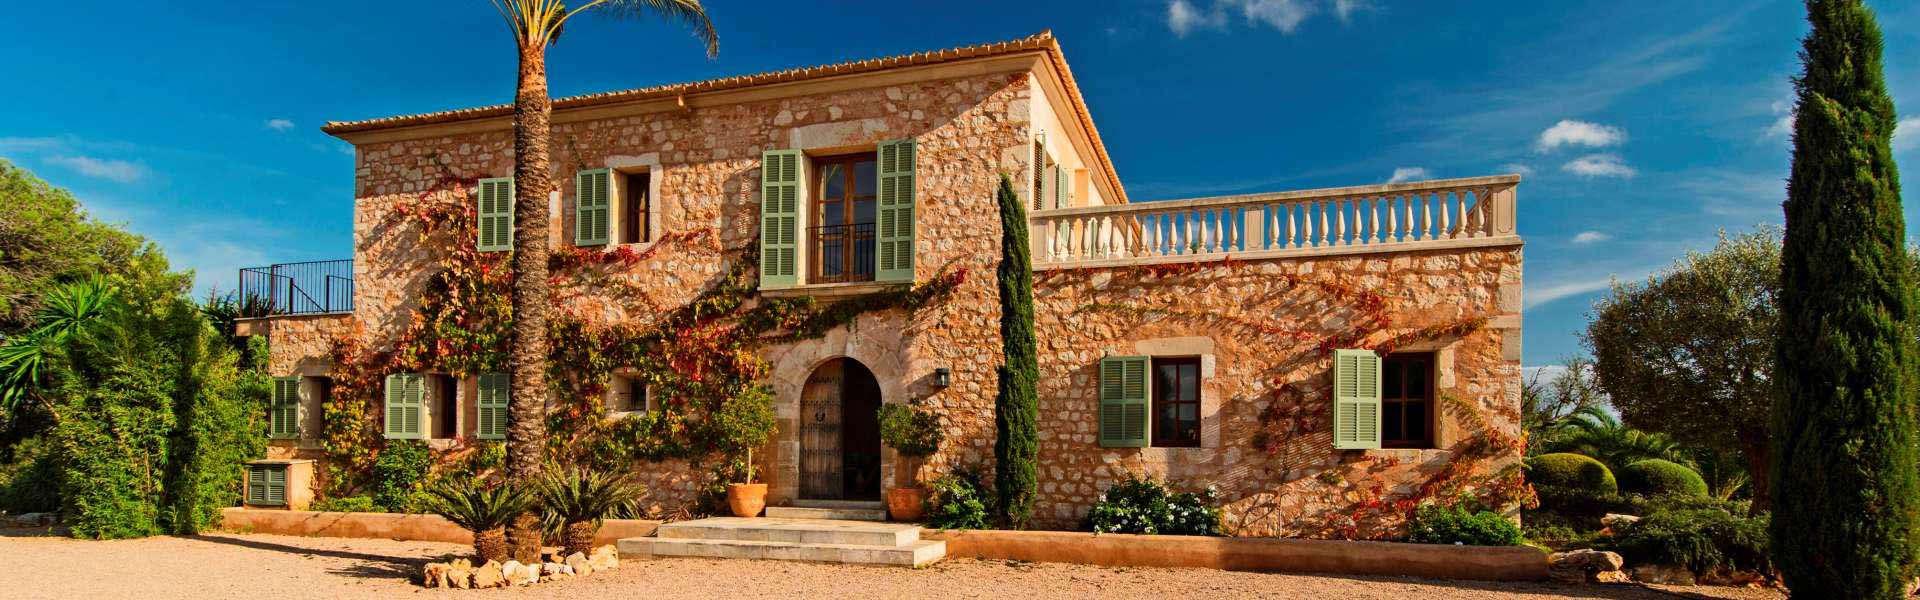 Montemar Immobilien Mallorca - Traditionelle Finca auf Mallorca